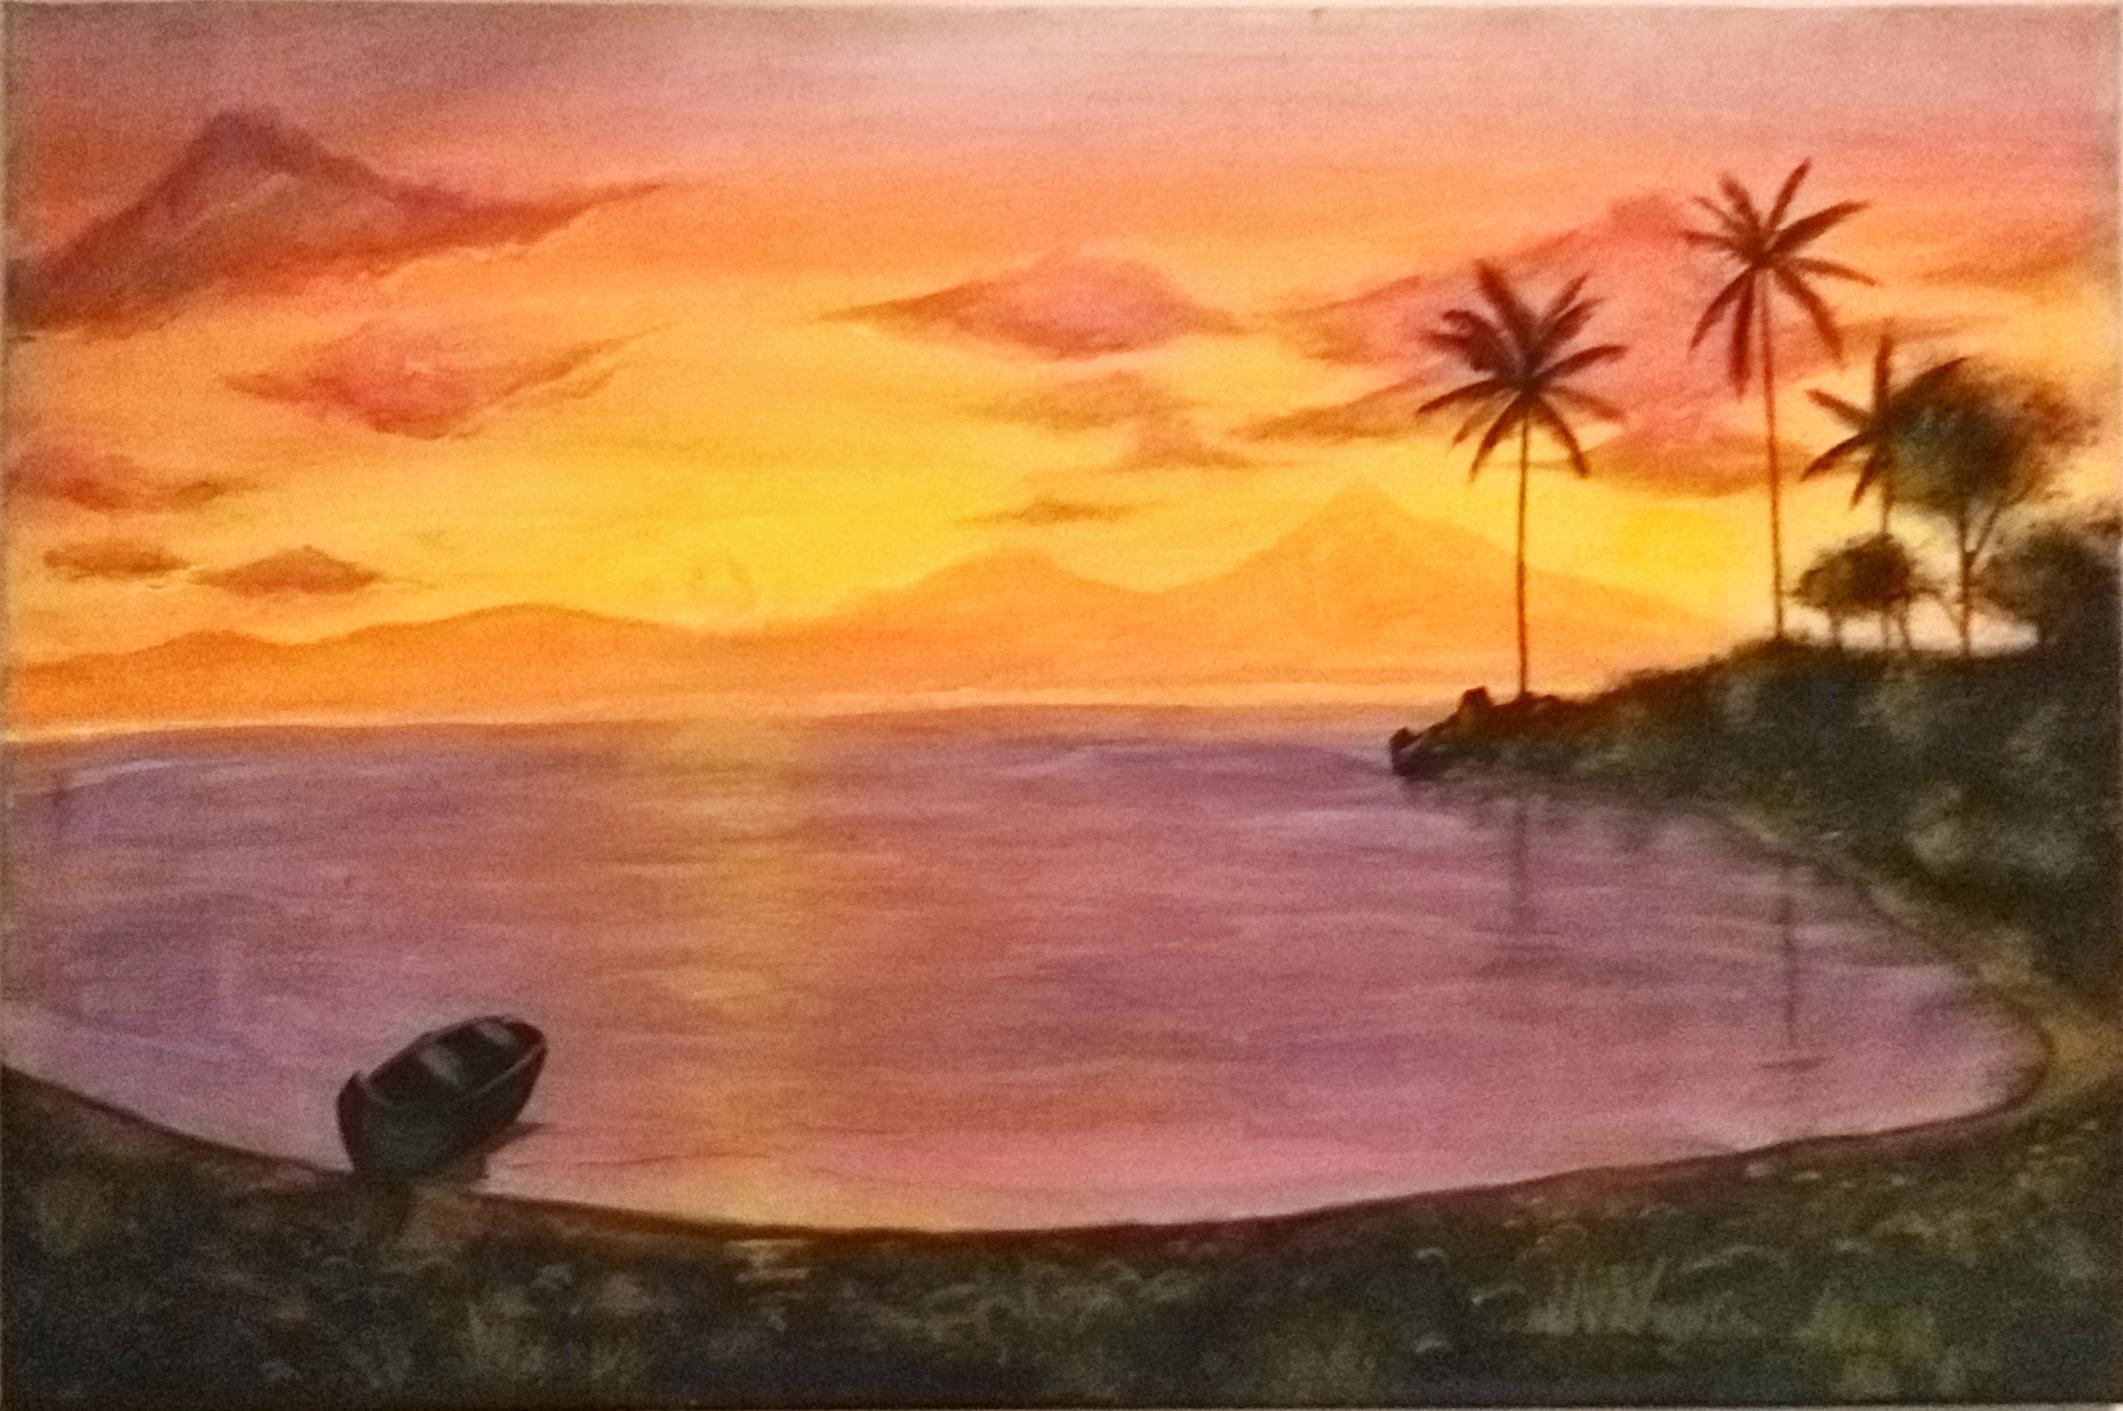 Silent Sunset by Rashida Lokhandwala